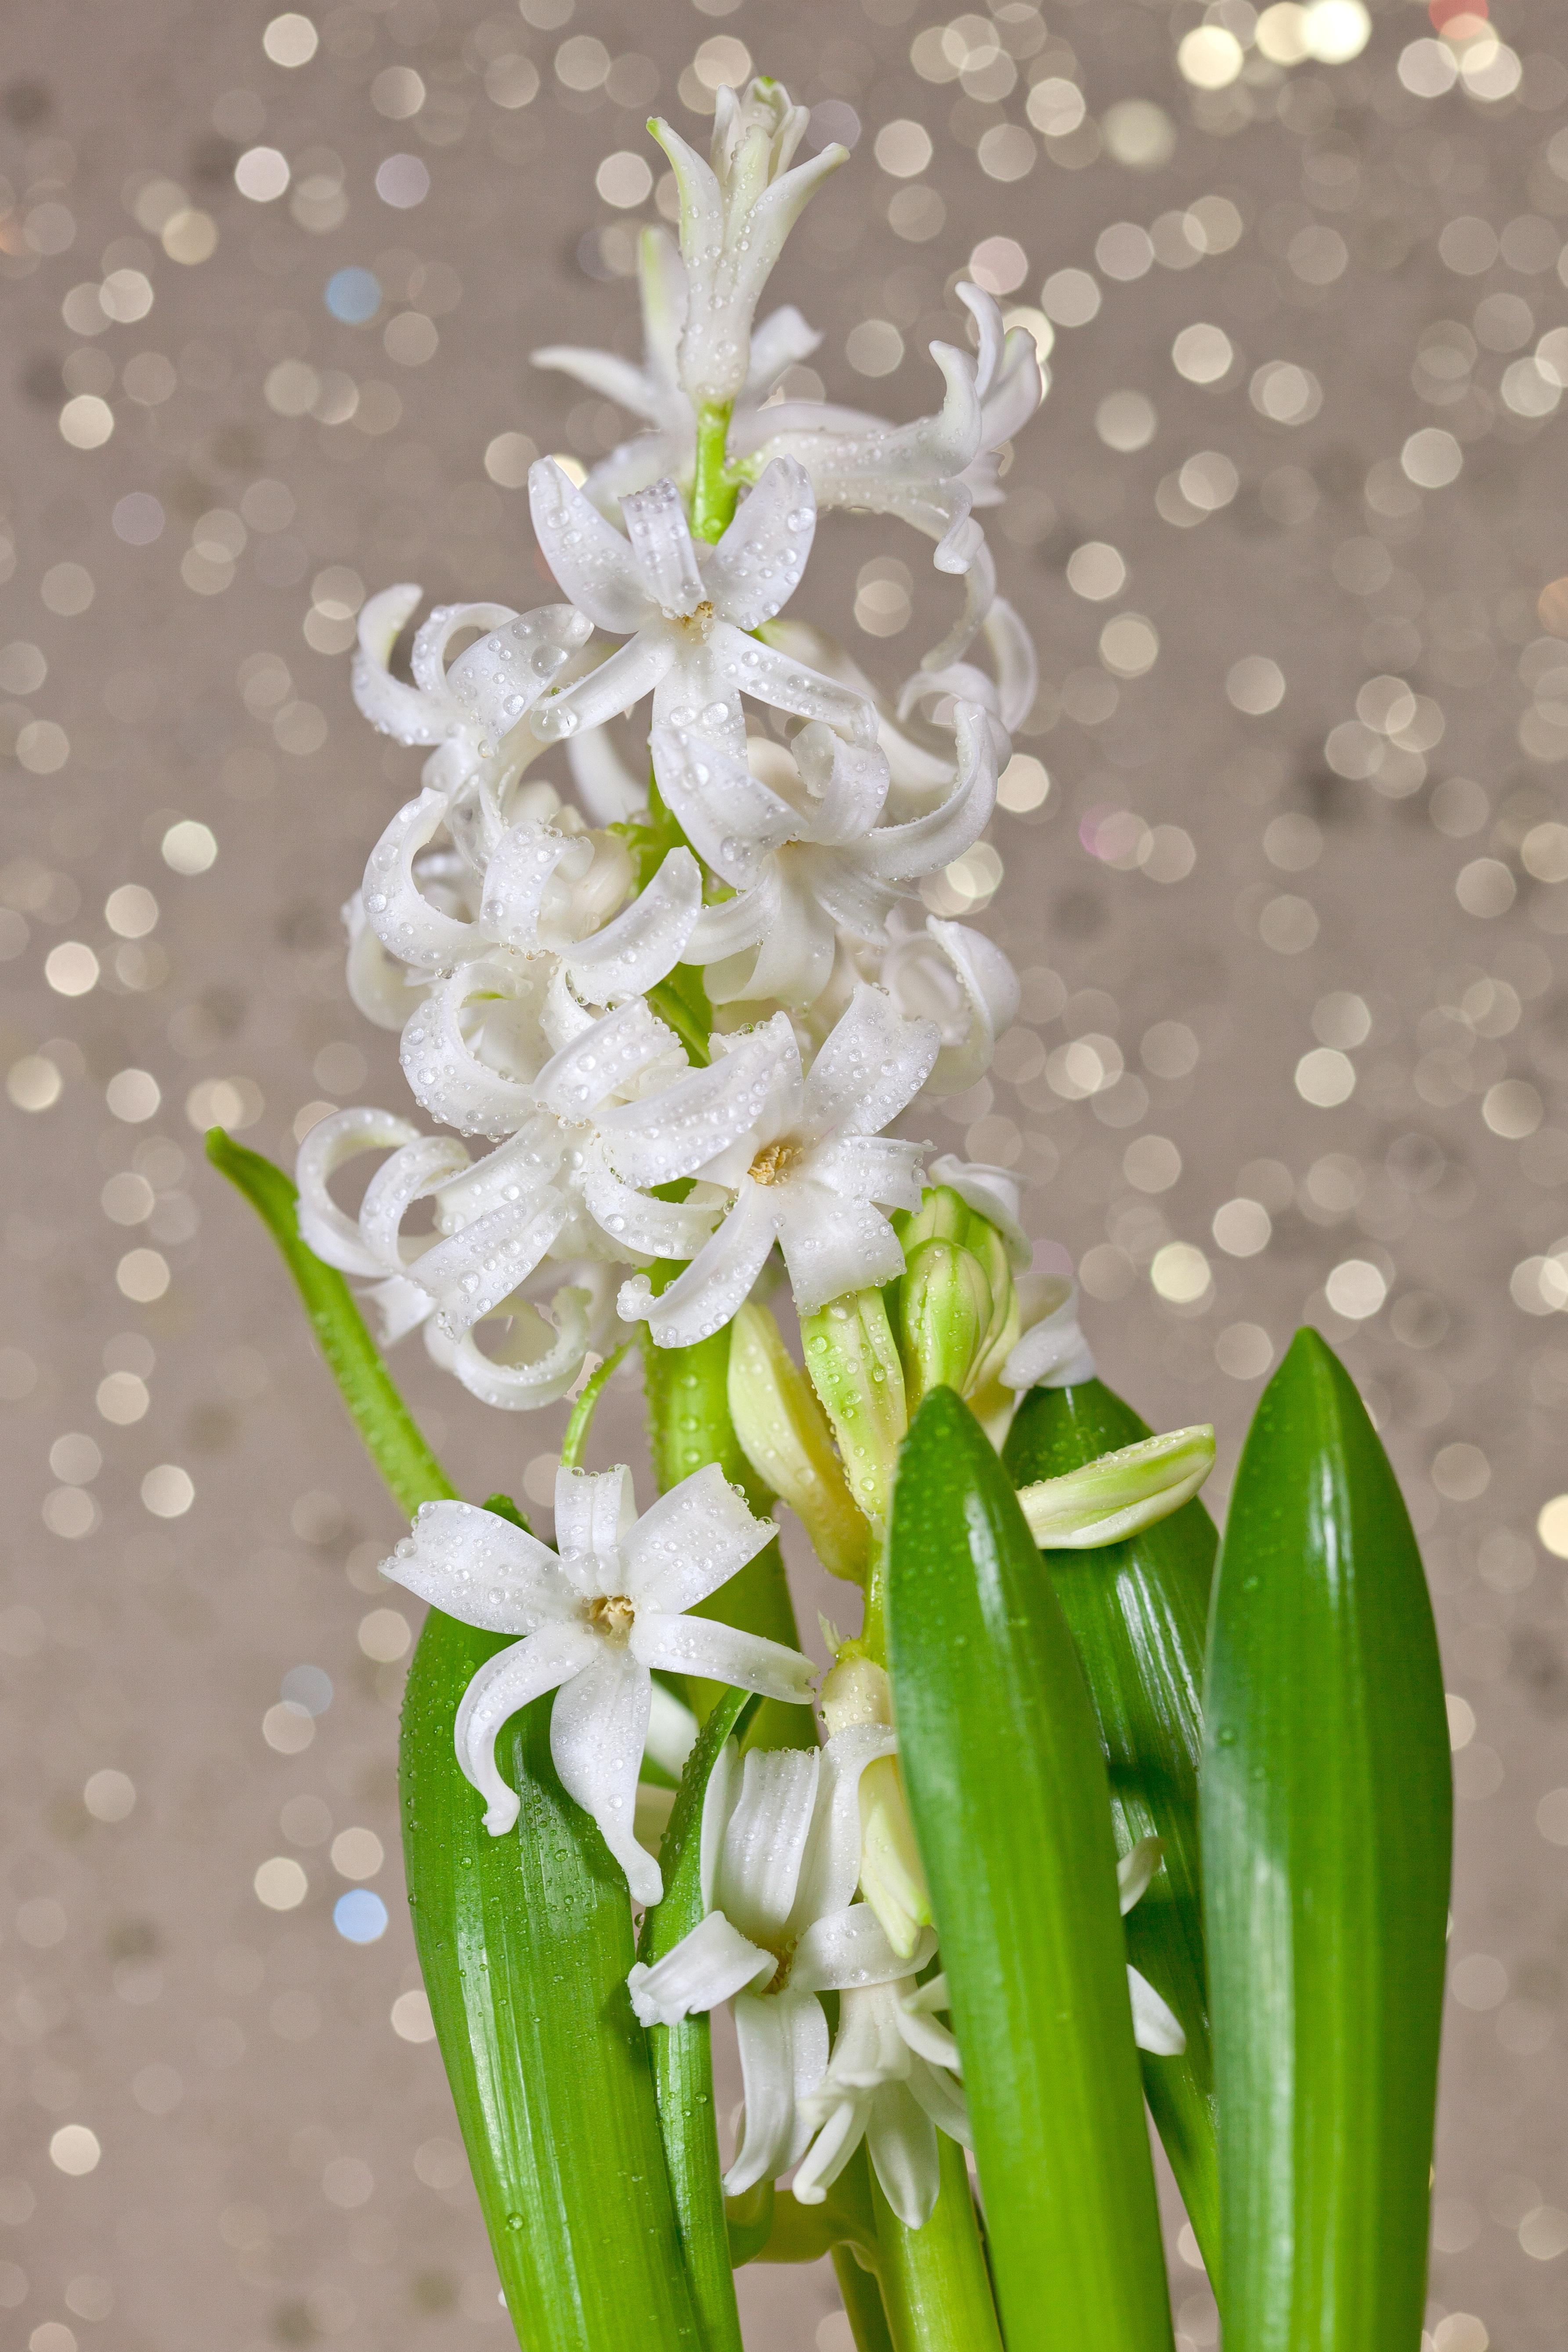 images gratuites : bokeh, fleur, floraison, arôme, printemps, vert